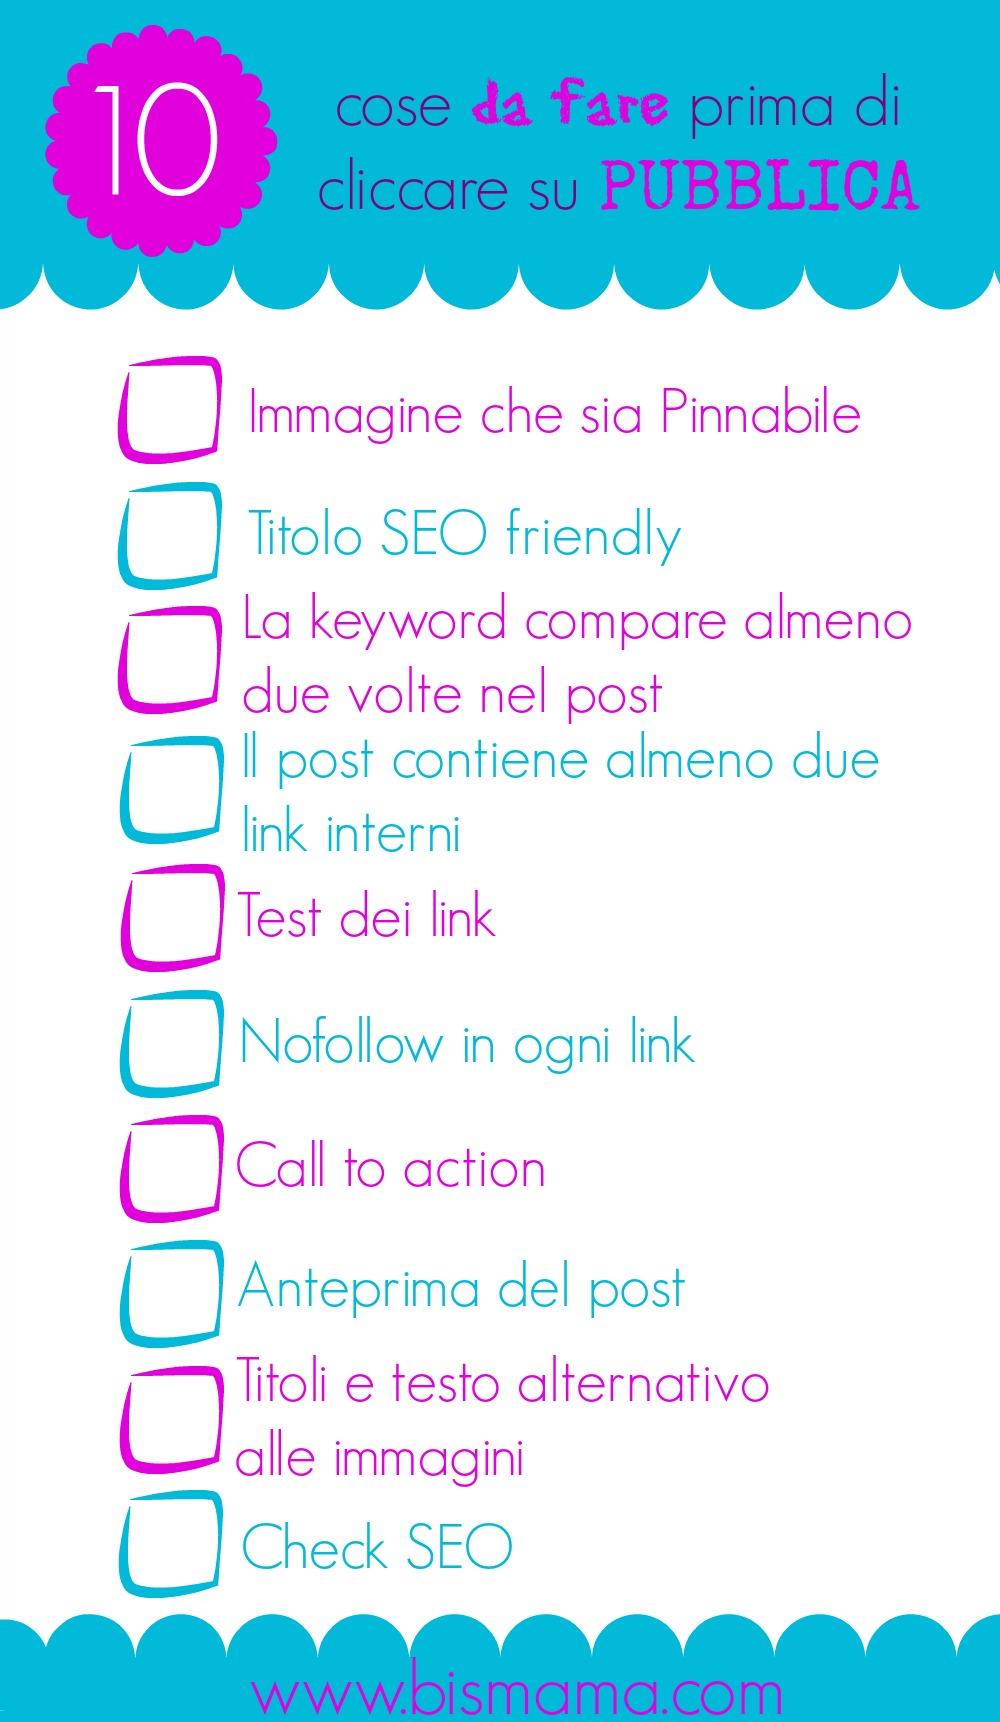 checklist prima di pubblicare